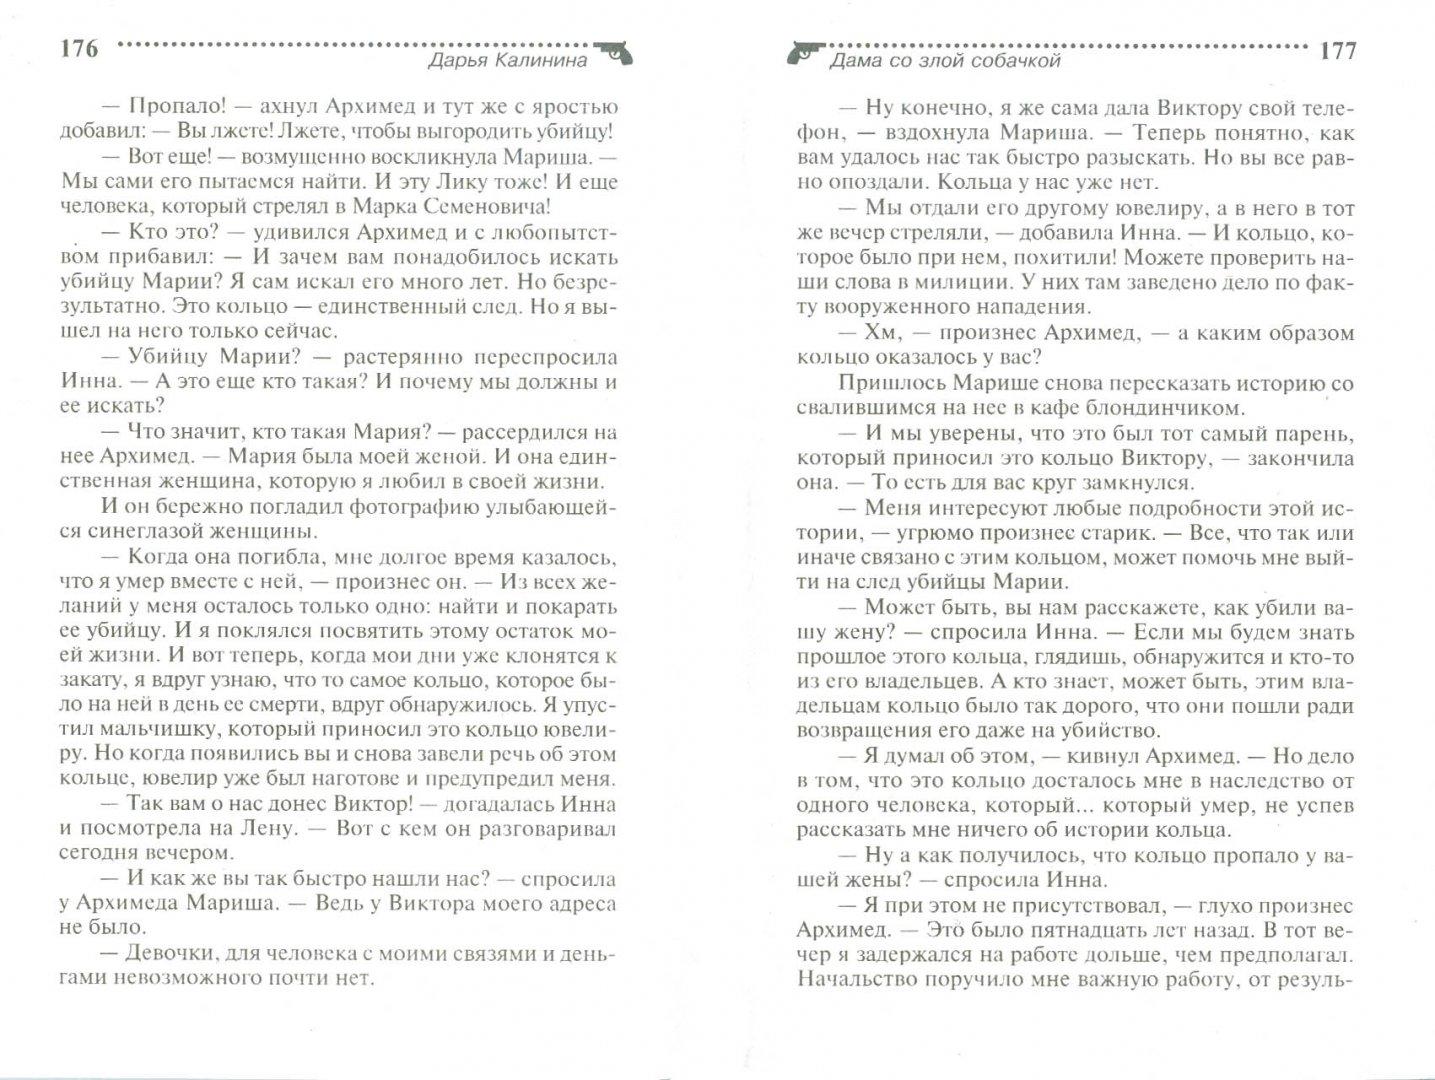 Иллюстрация 1 из 2 для Дама со злобной собачкой - Дарья Калинина | Лабиринт - книги. Источник: Лабиринт